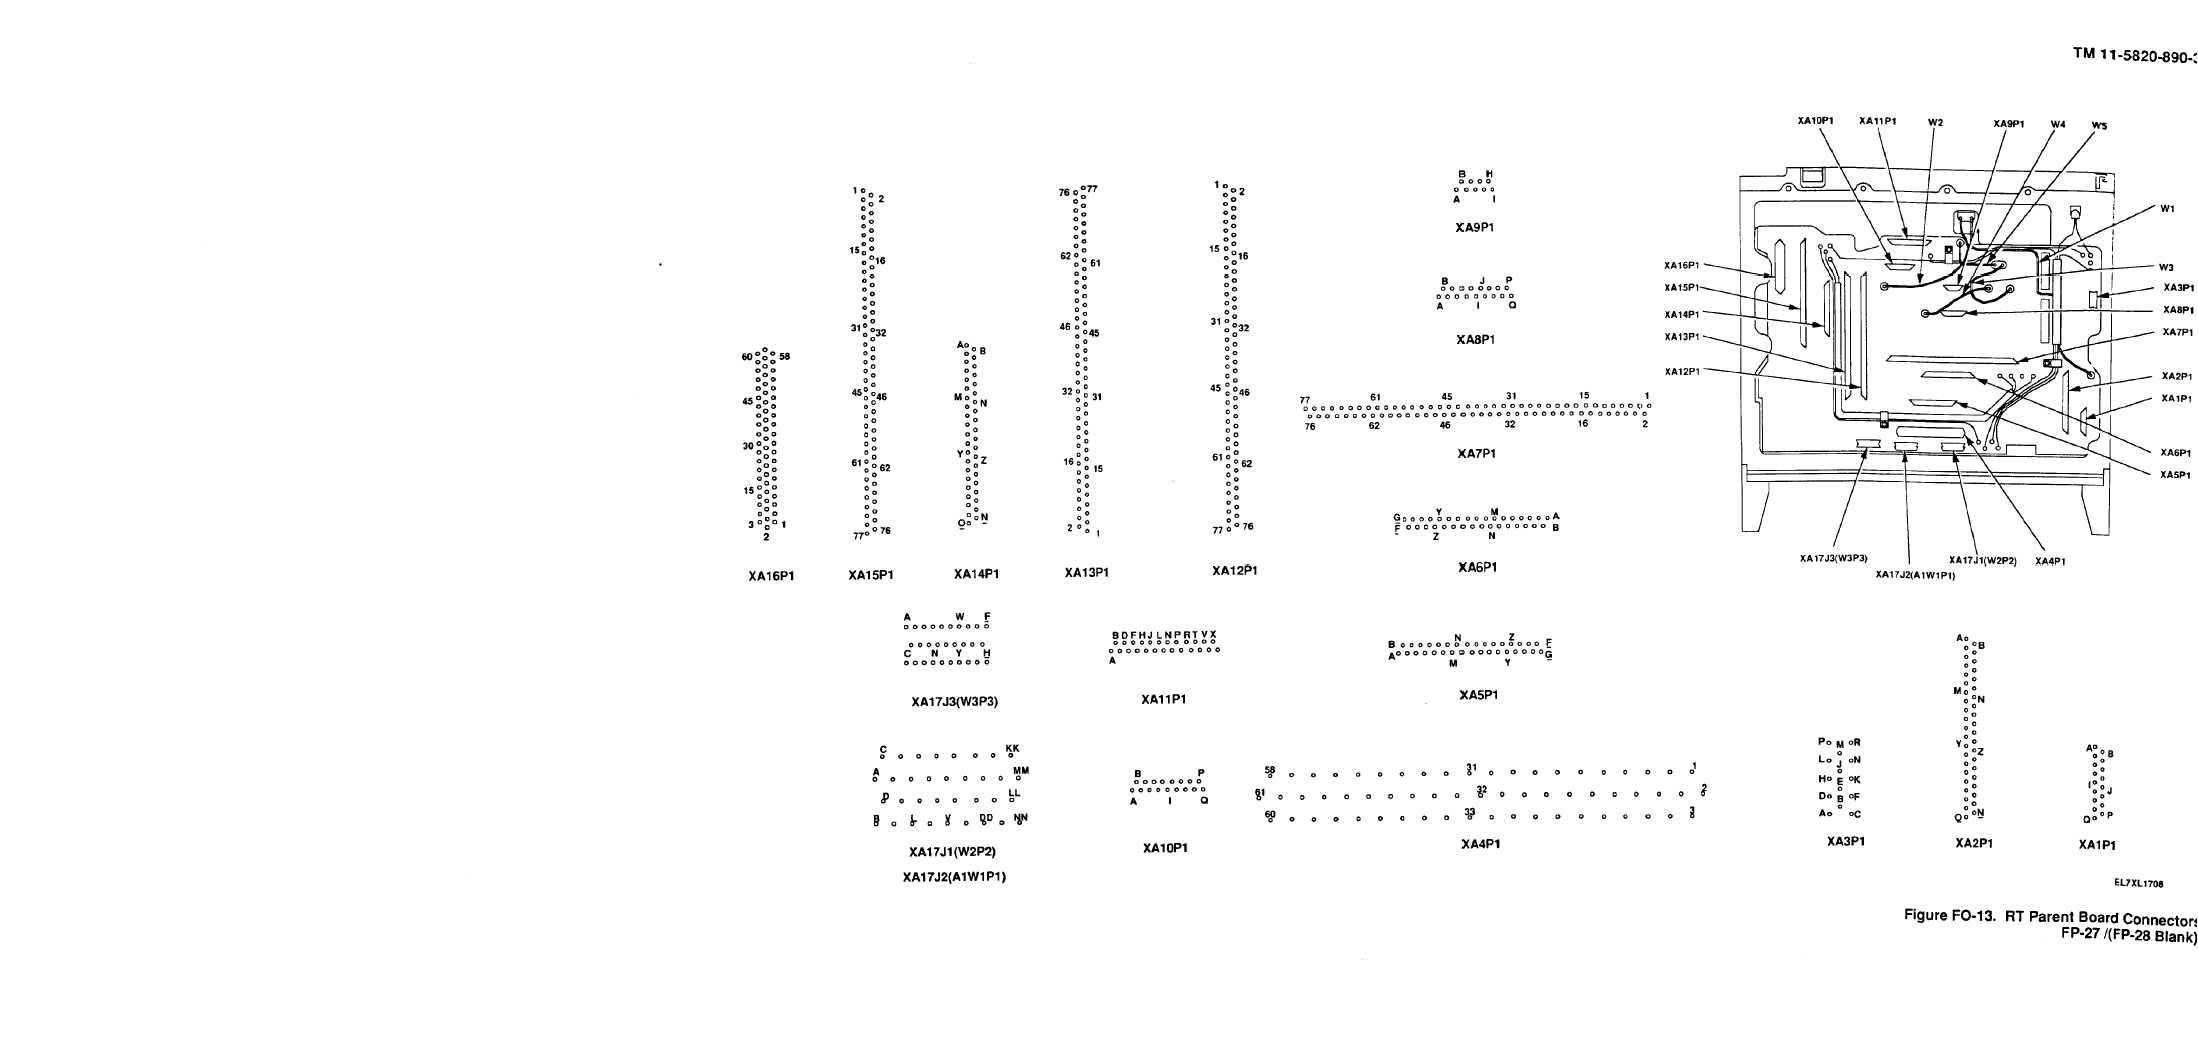 Figure Fo 13 Rt Parent Board Connectors